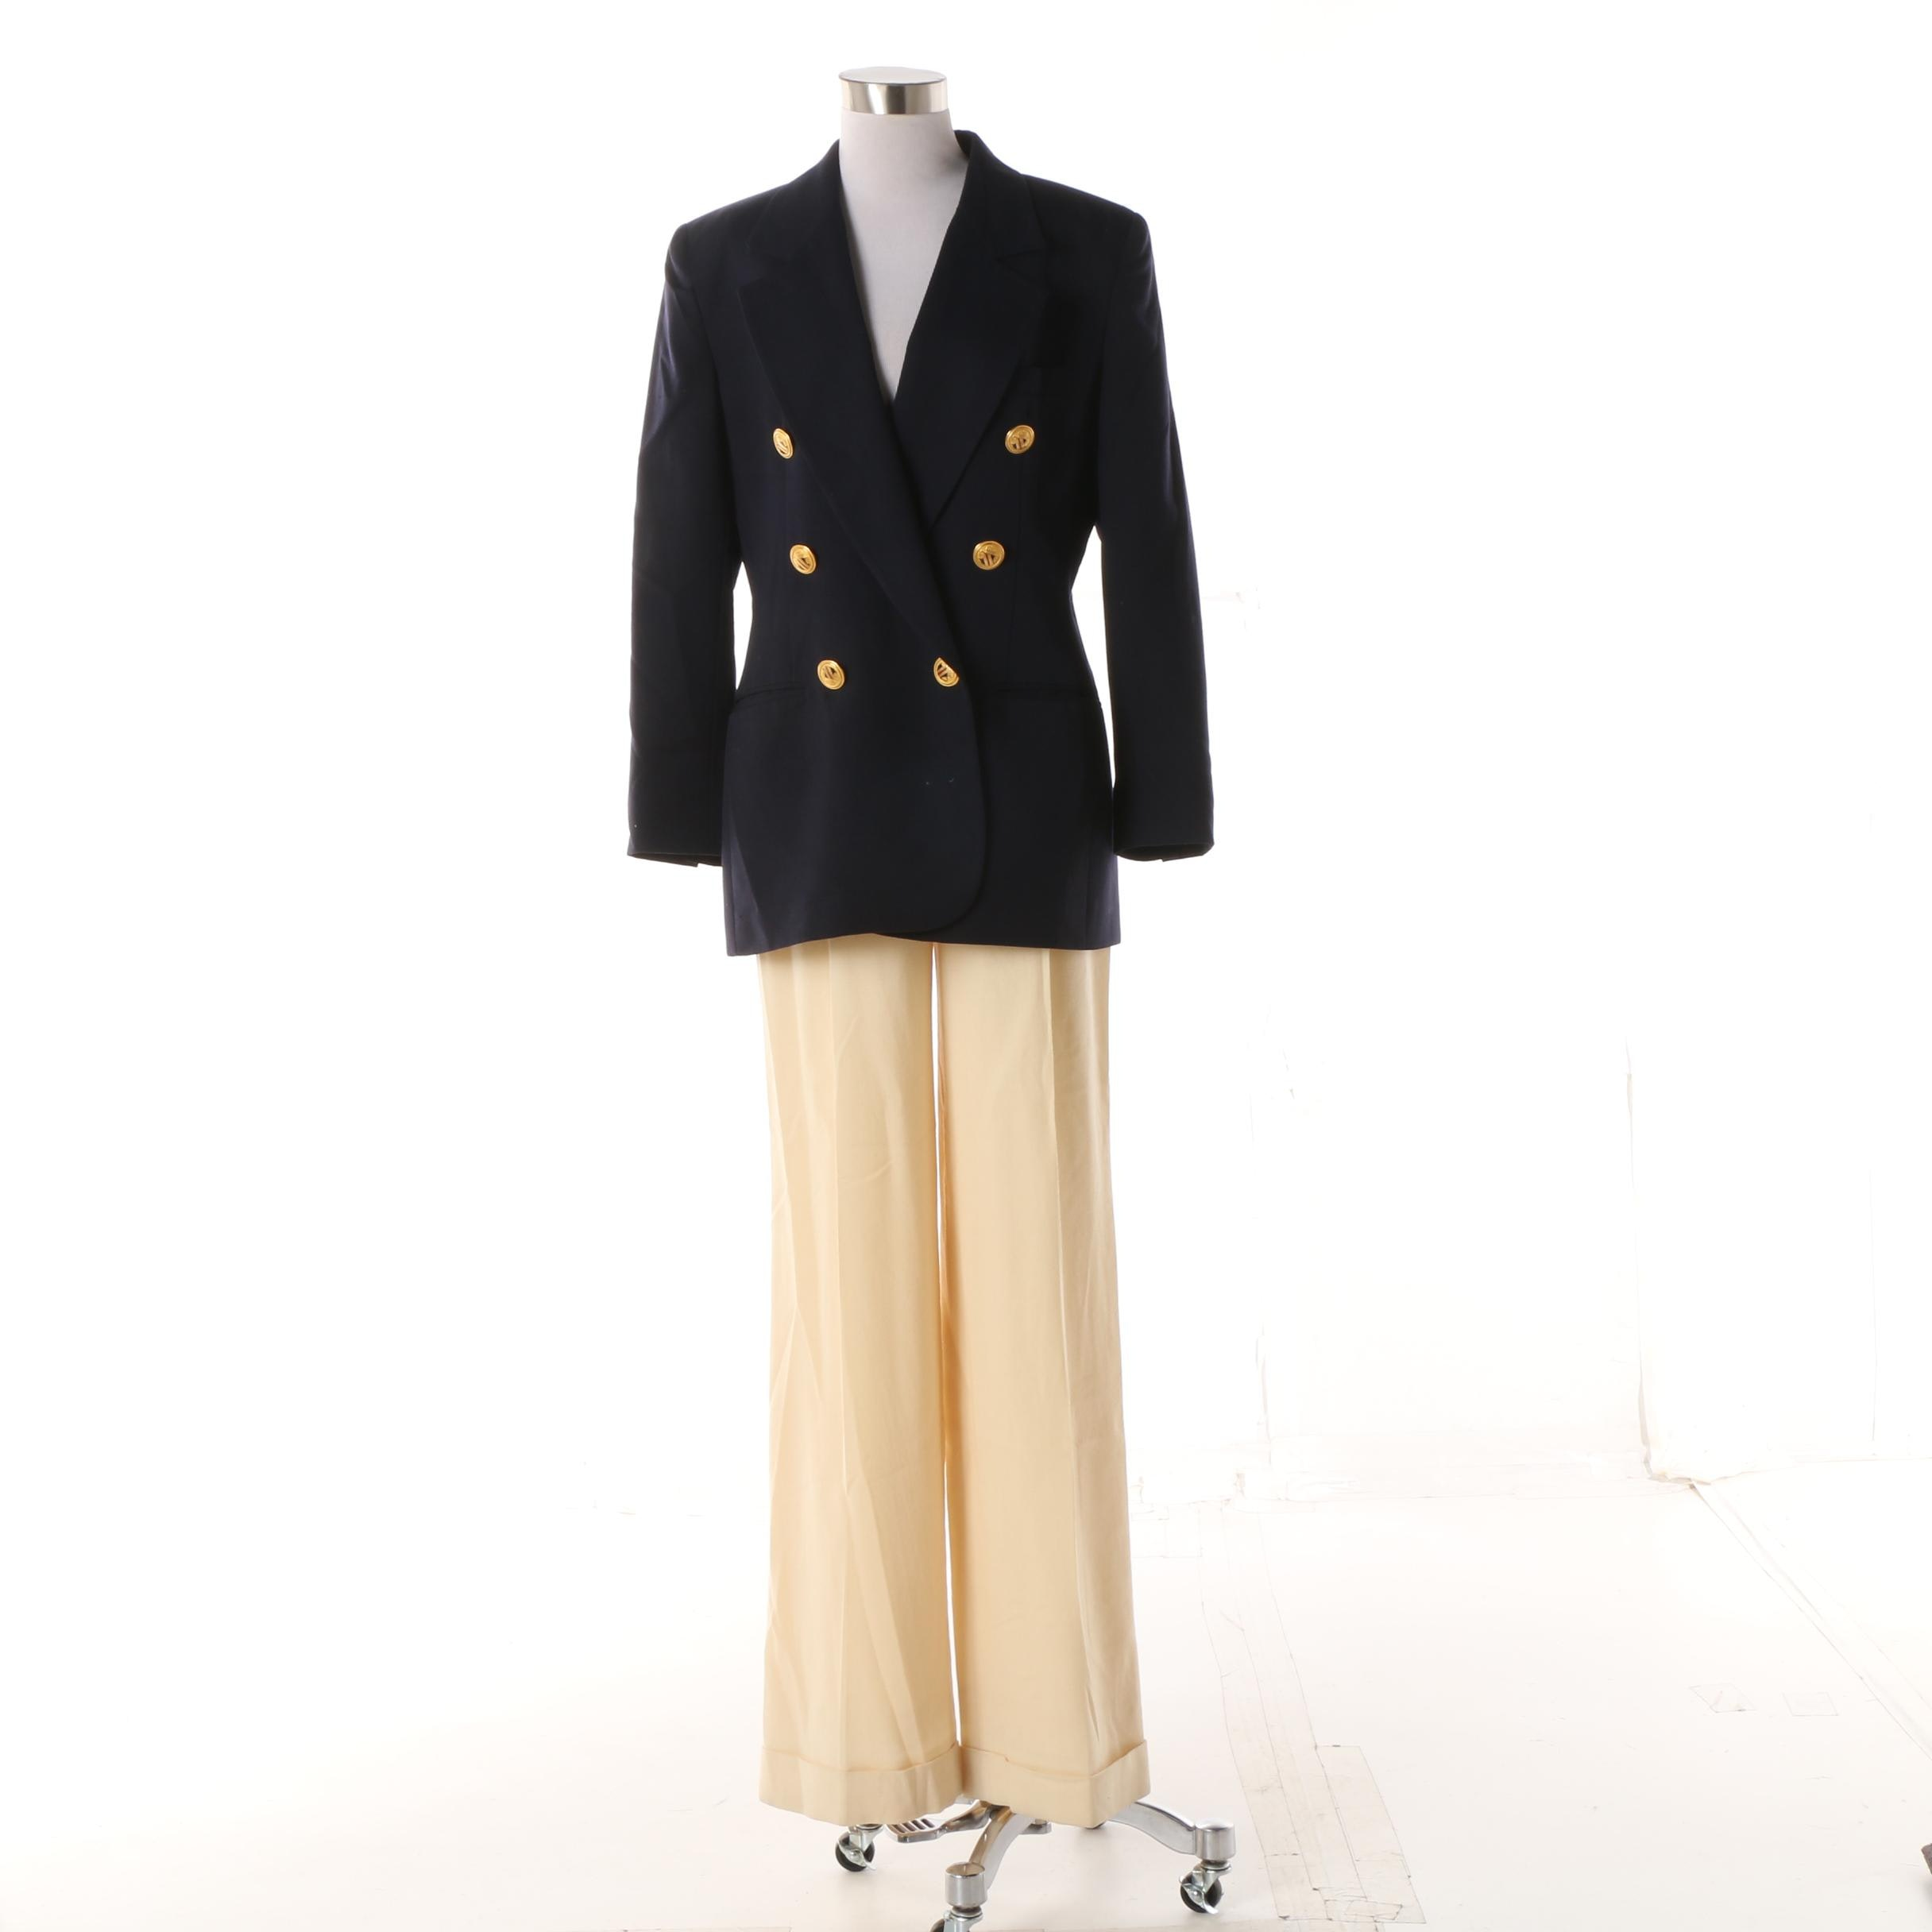 Women's 1980s Vintage Christian Dior Separates including Paris Boutique Trousers